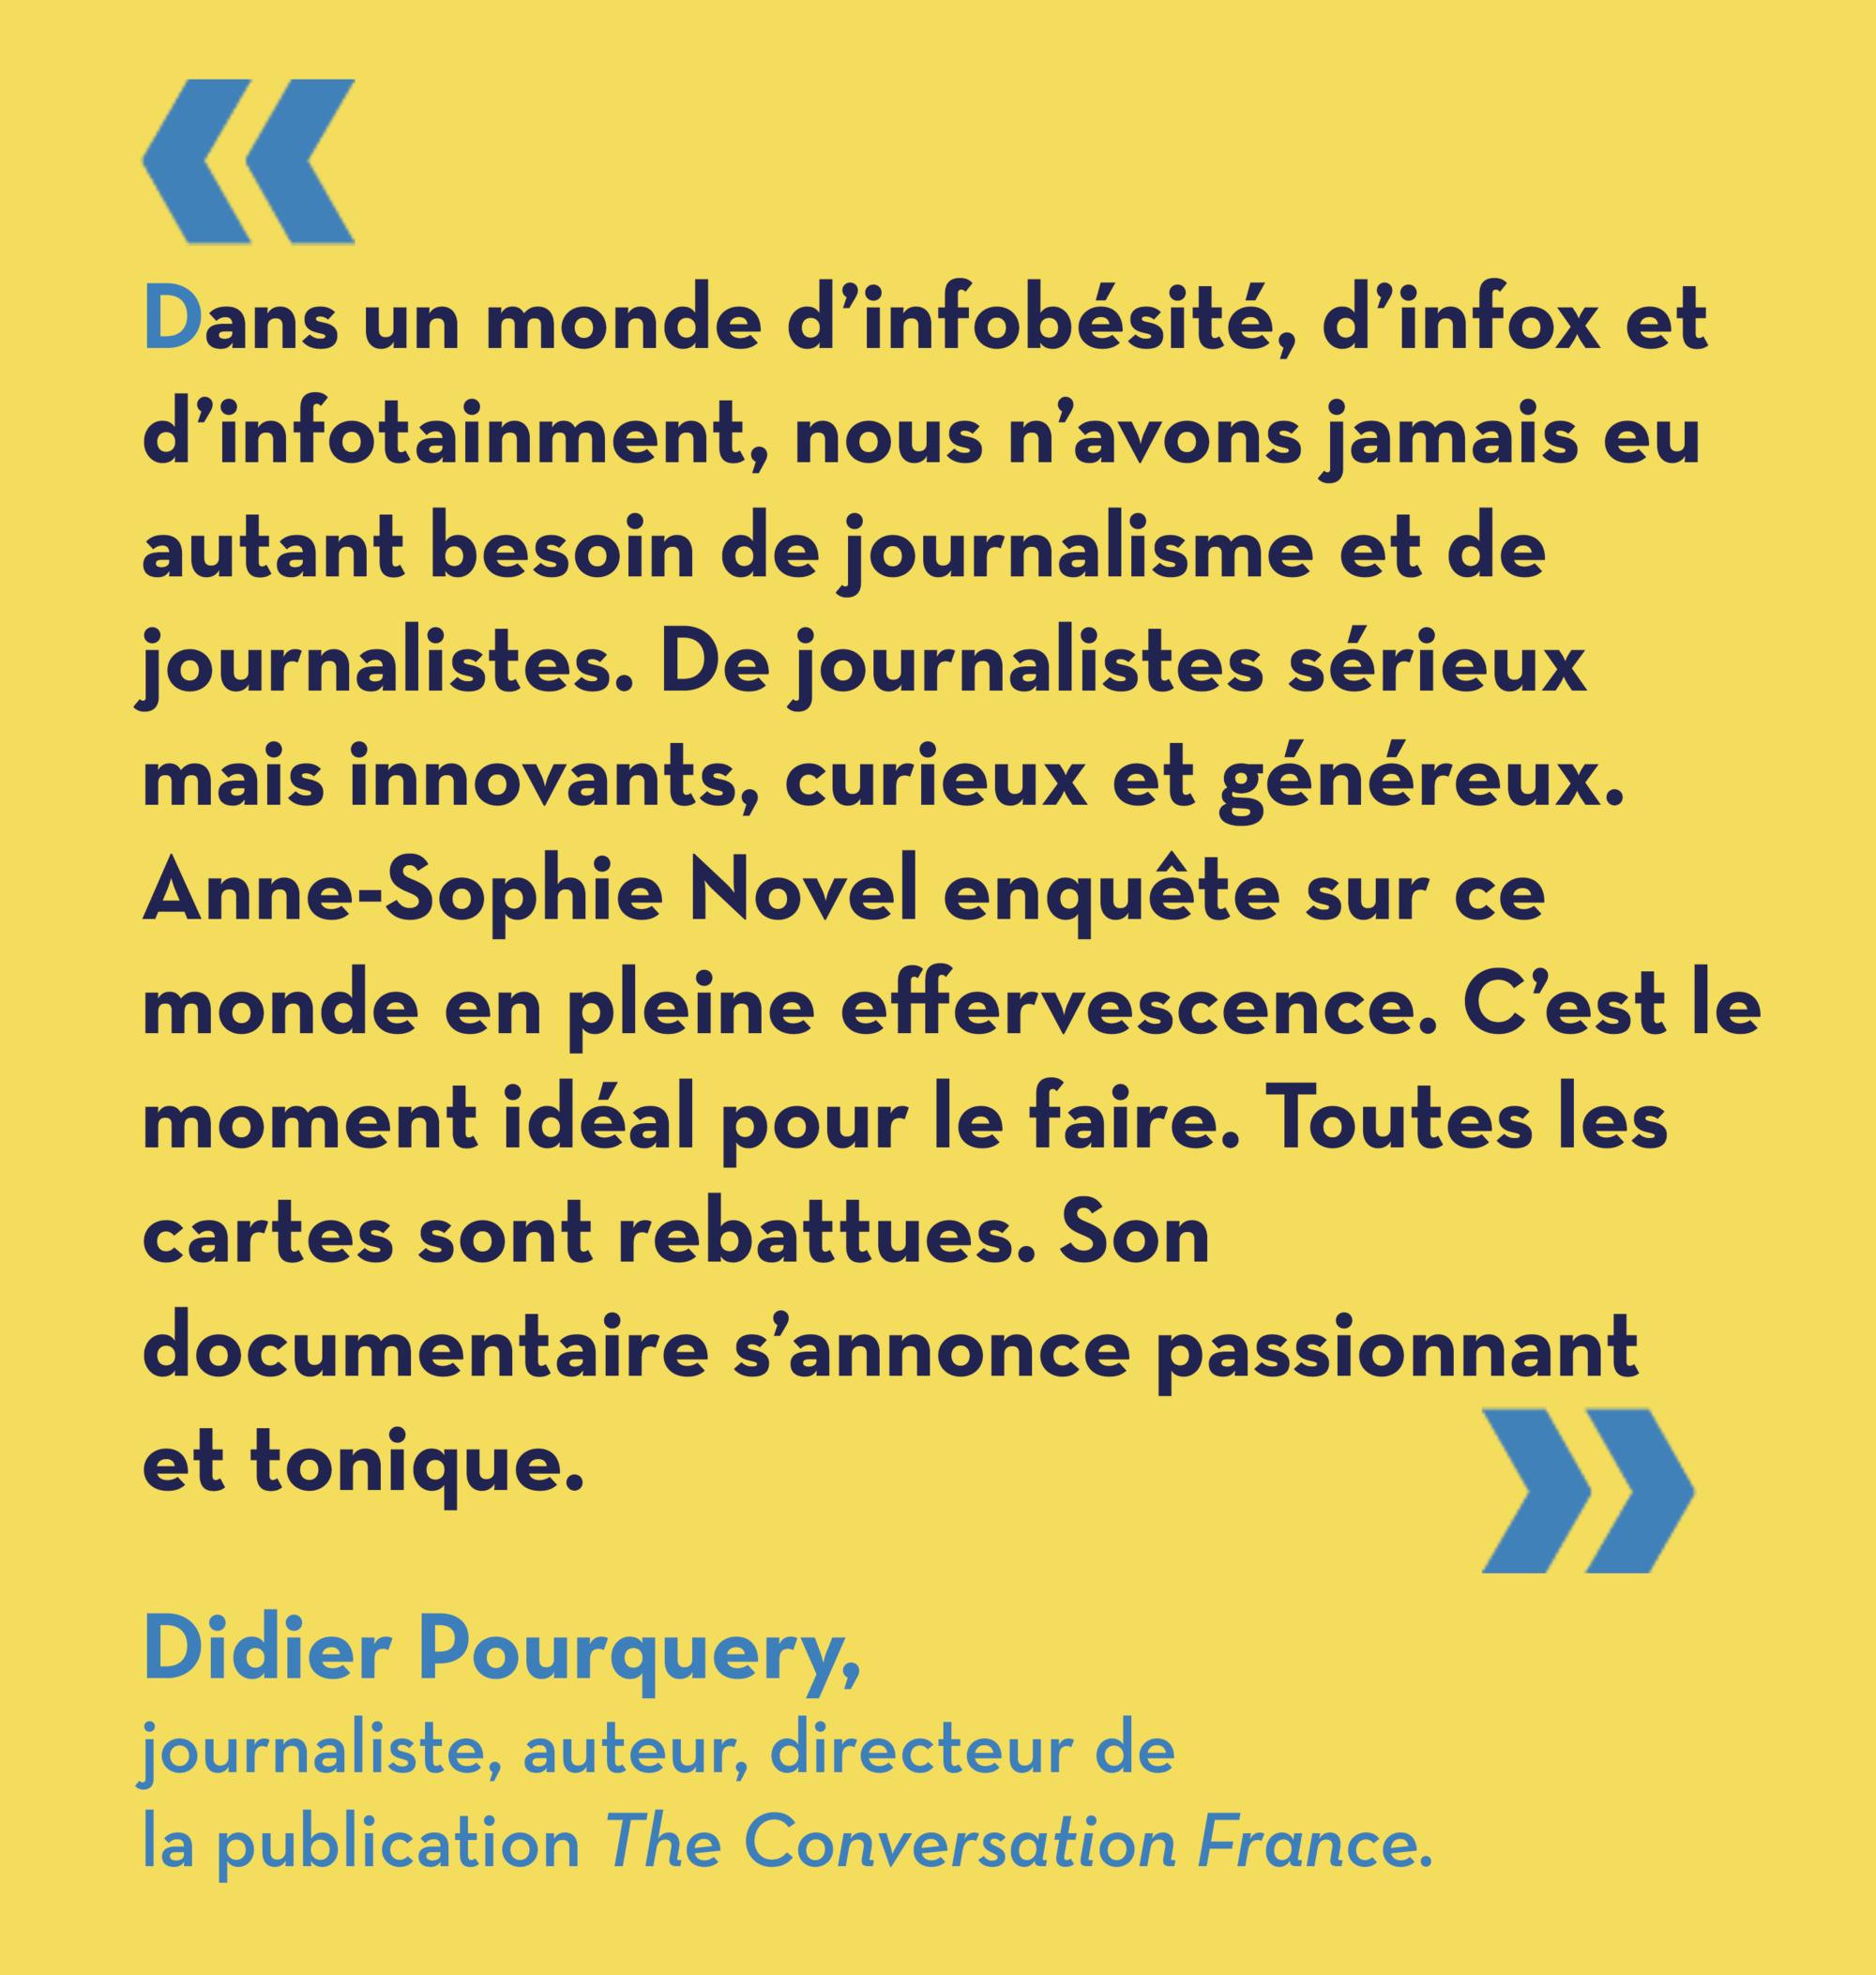 """Résultat de recherche d'images pour """"""""Les Médias, le Monde et Moi"""" (Anne-Sophie Novel film photos"""""""